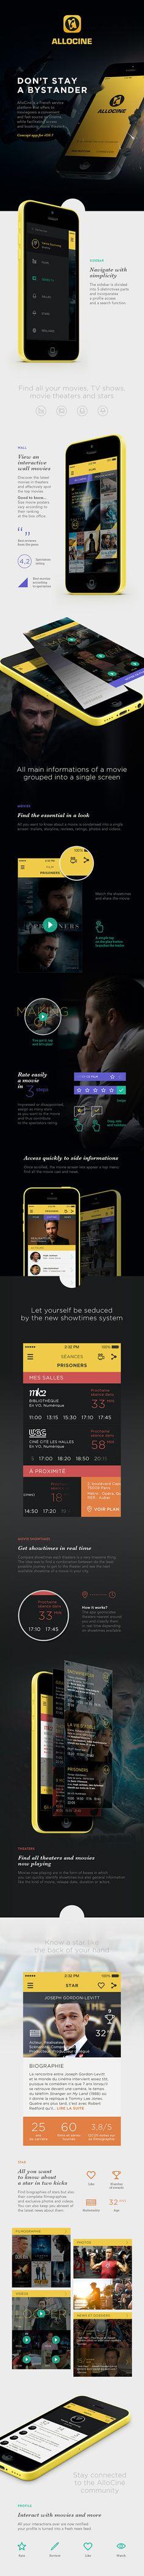 AlloCine - Concept Mobile app